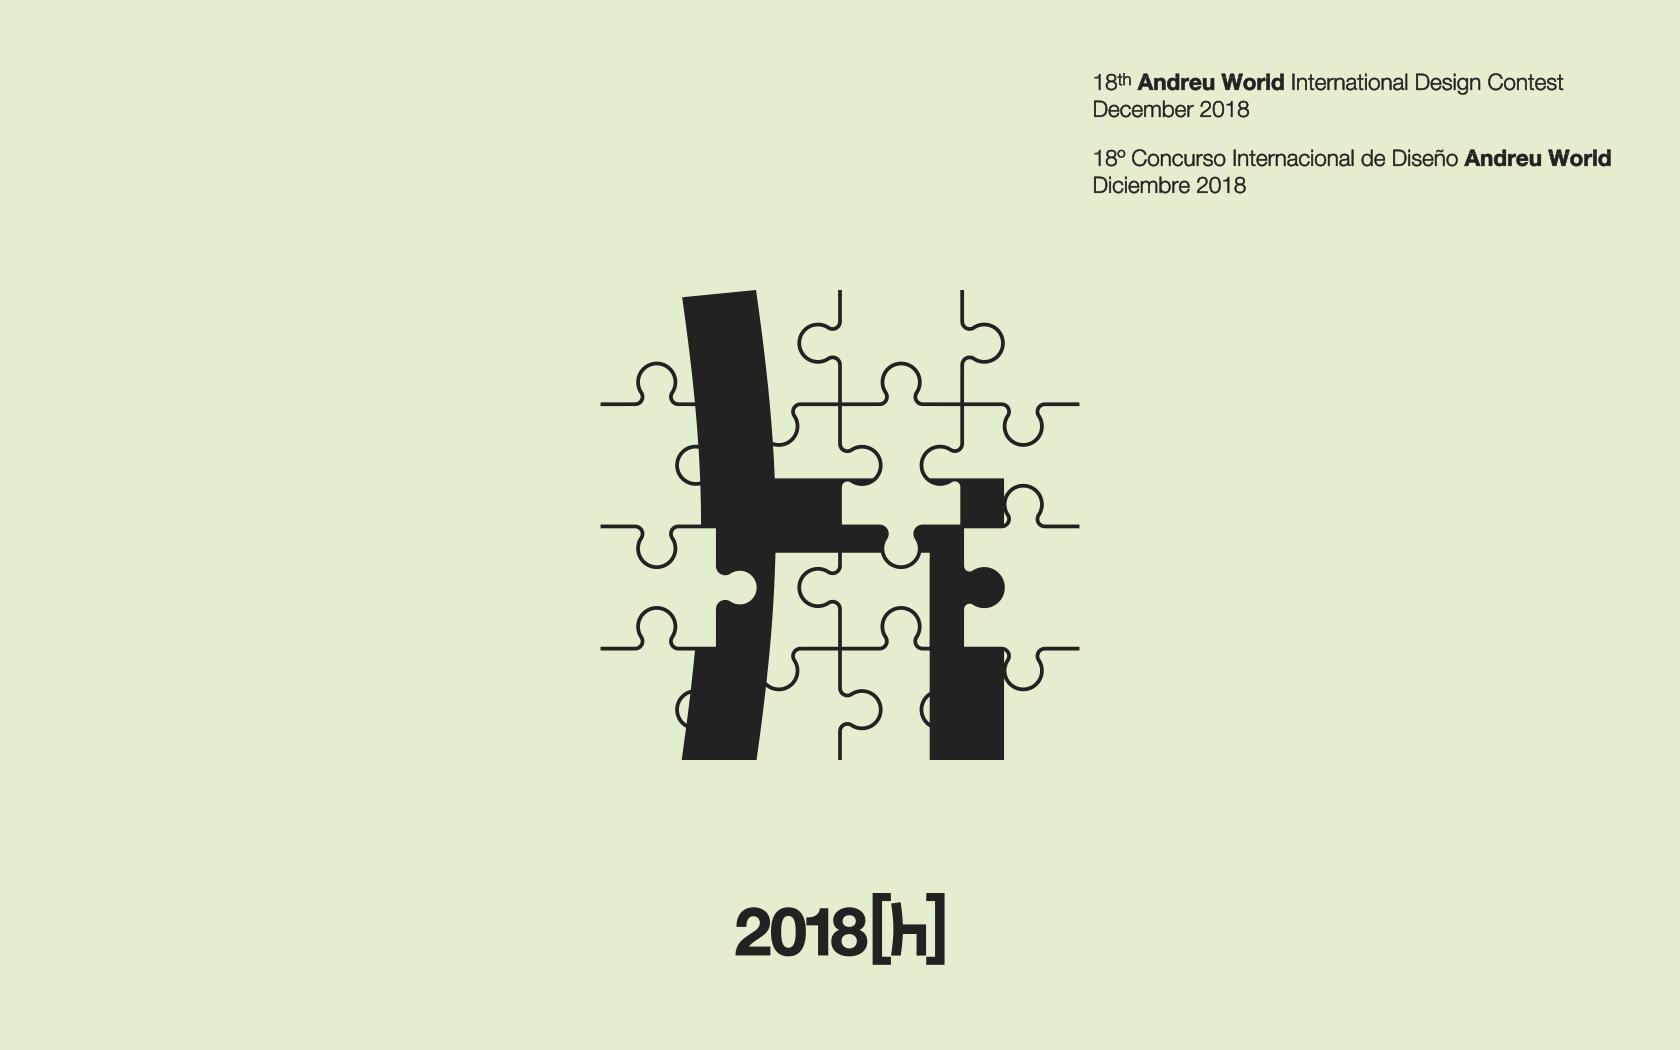 Andreu World International DesignContest 2018 closes 30 November